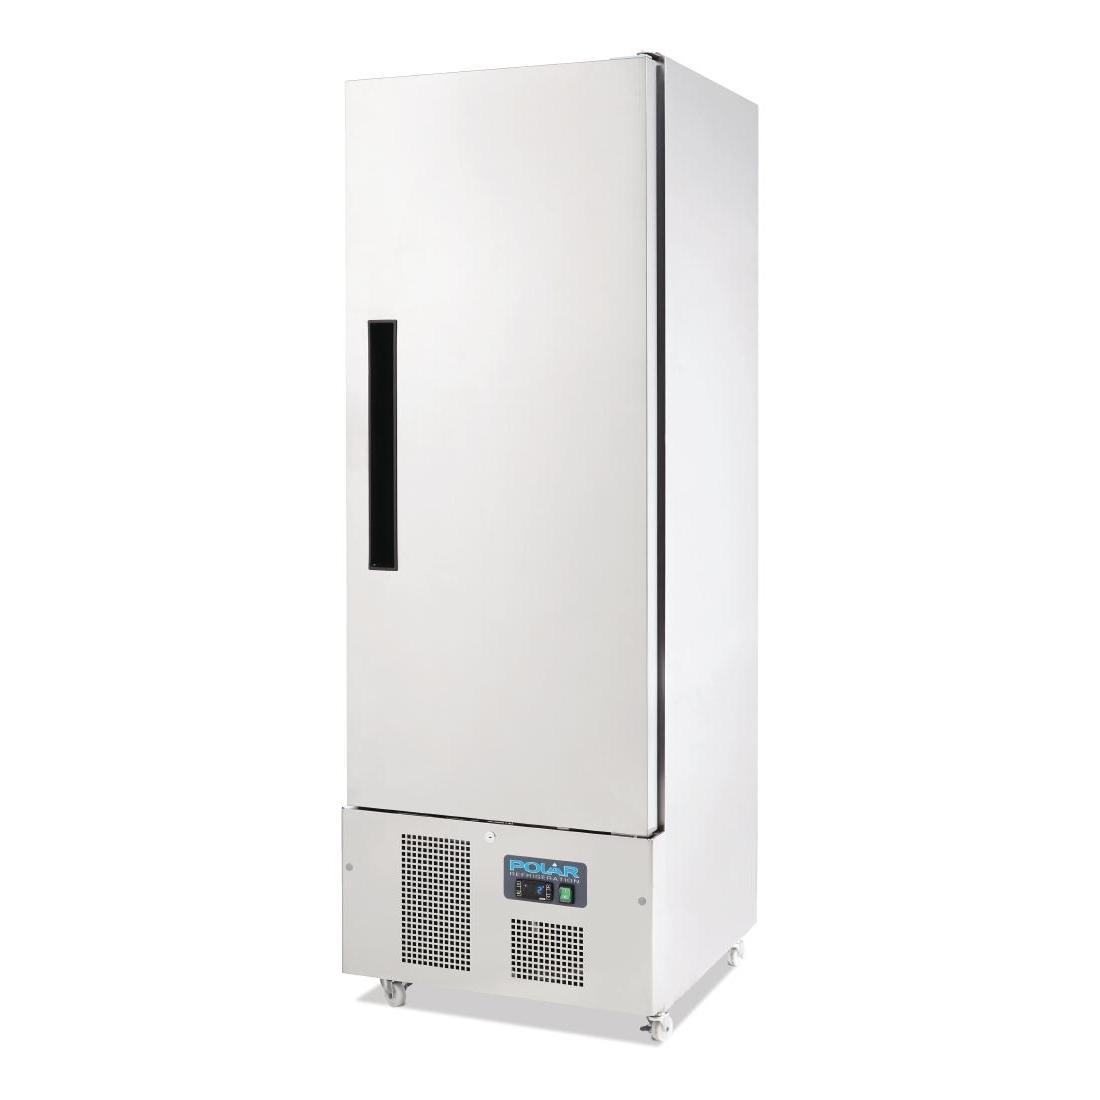 Armoire réfrigérée positive 1 porte 440L Polar